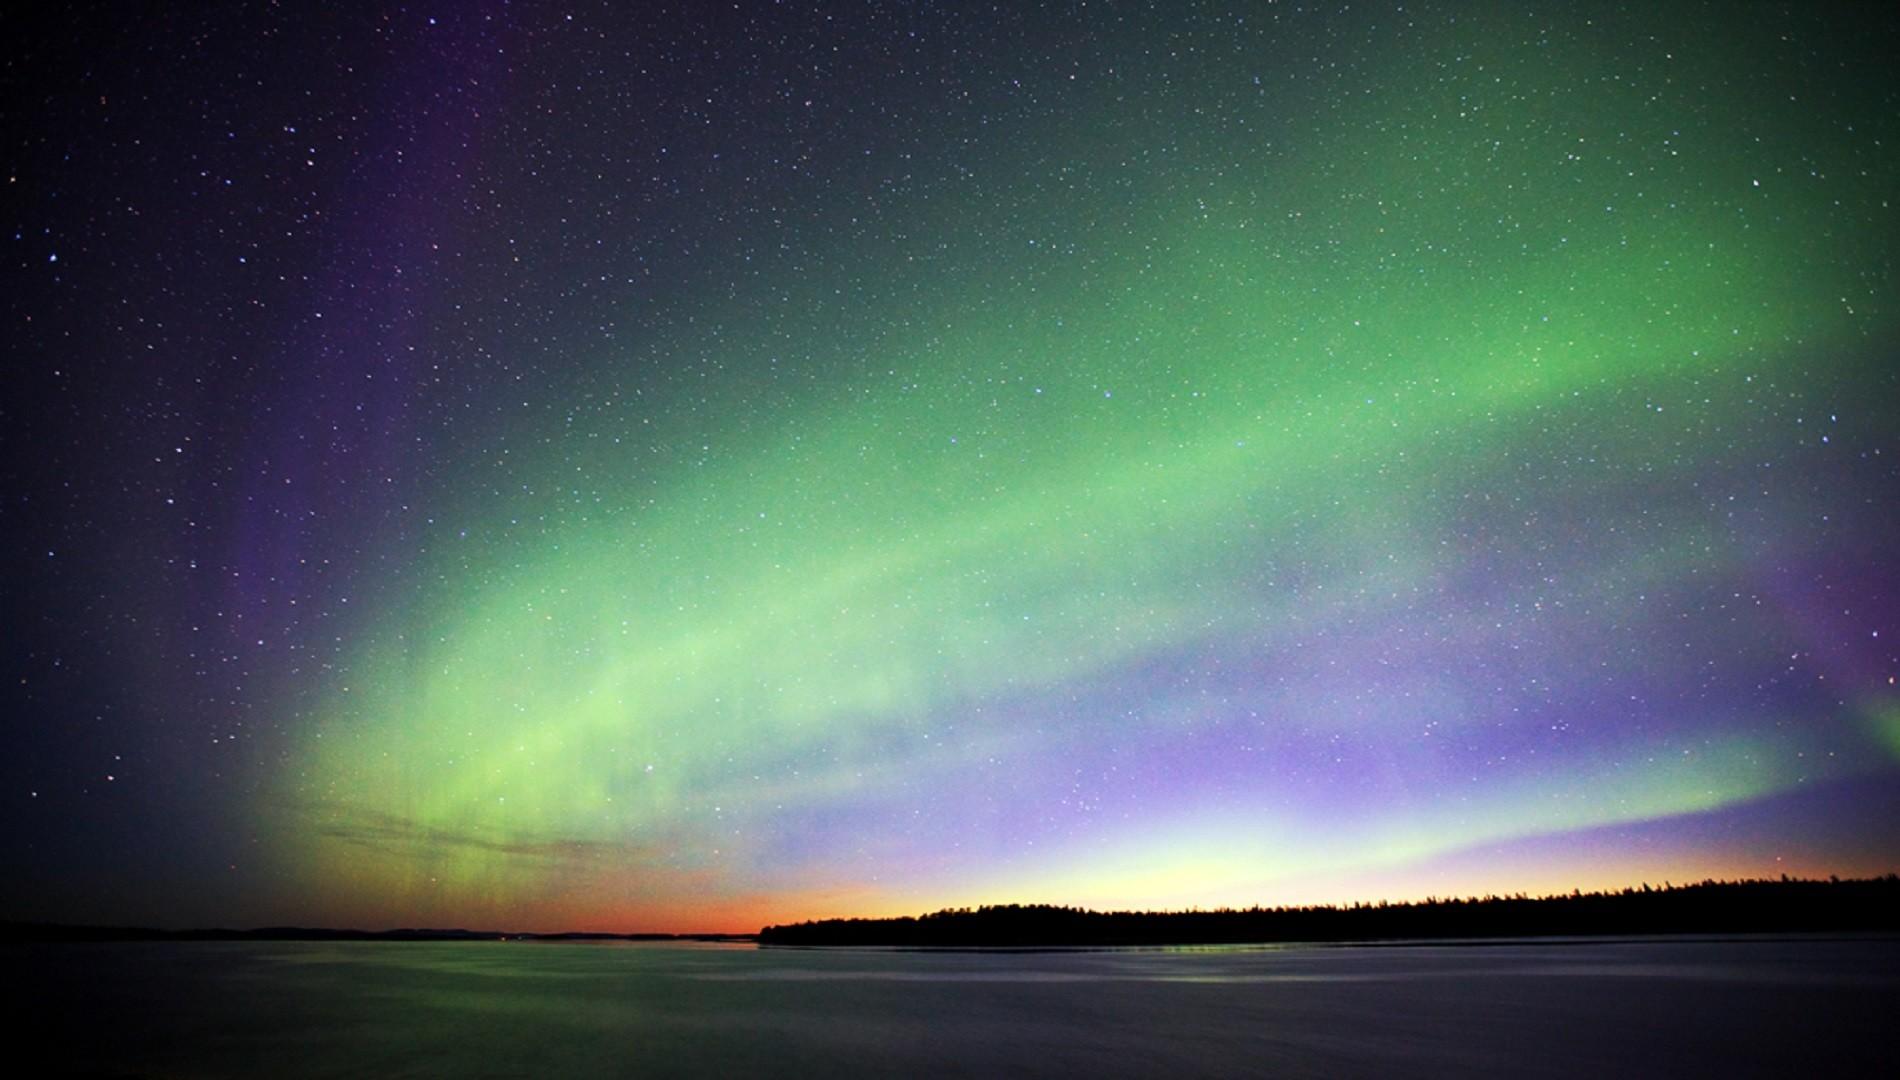 Las brillantes y danzantes luces de la aurora son en realidad colisiones entre partículas provenientes del sol cargadas eléctricamente que entran en la atmósfera terrestre.